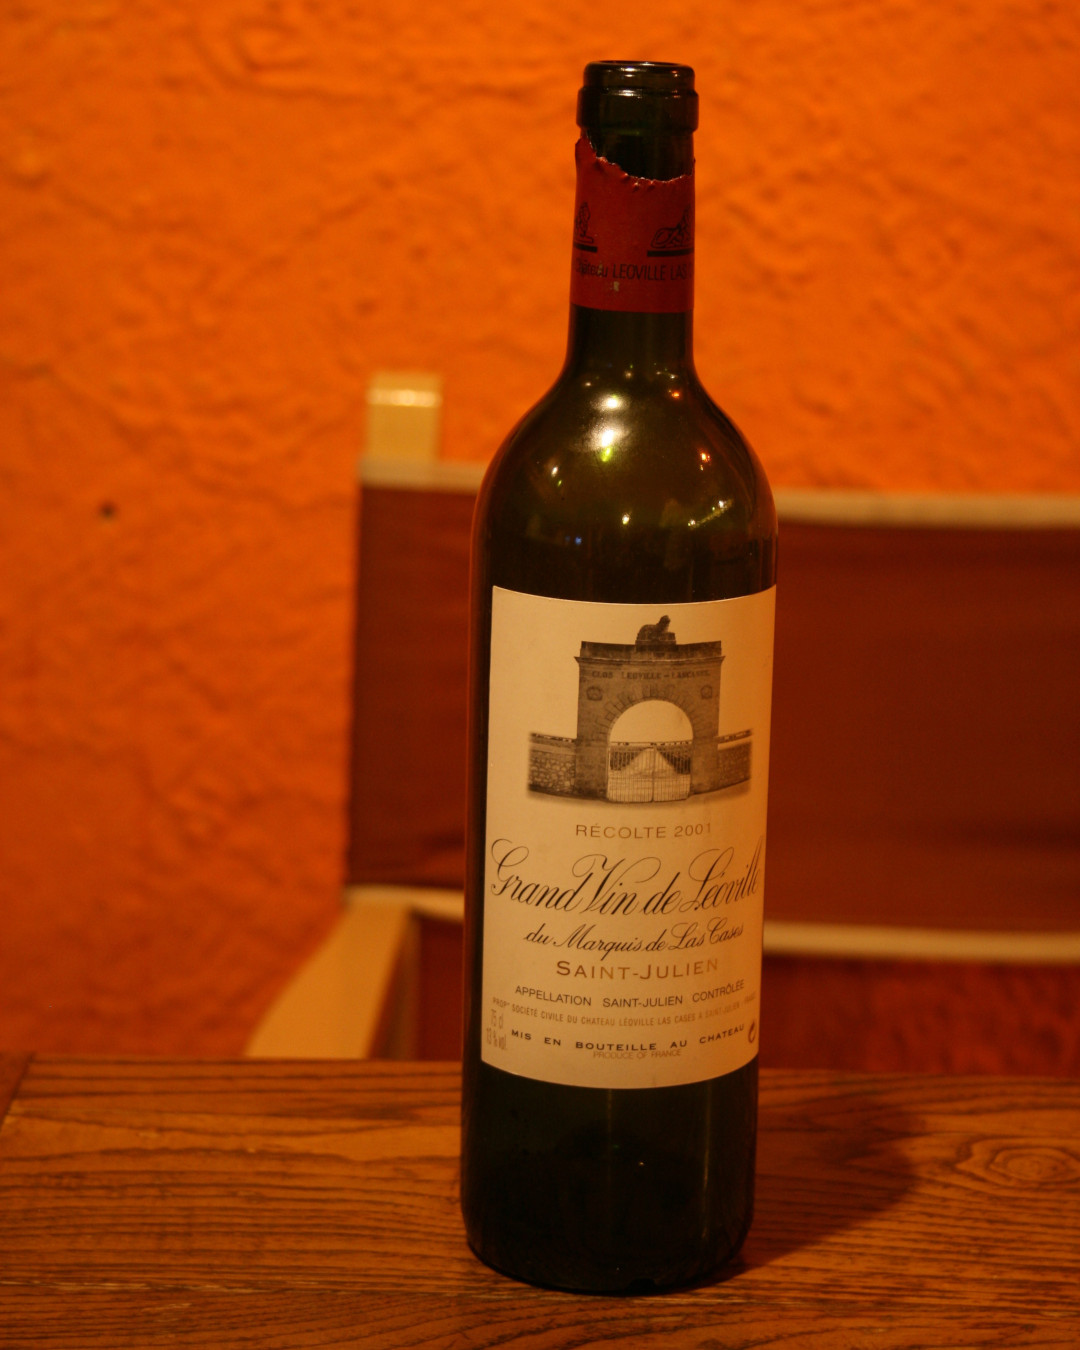 Grand Vin de Léoville 2001 Châteaux Léoville Las-Cases